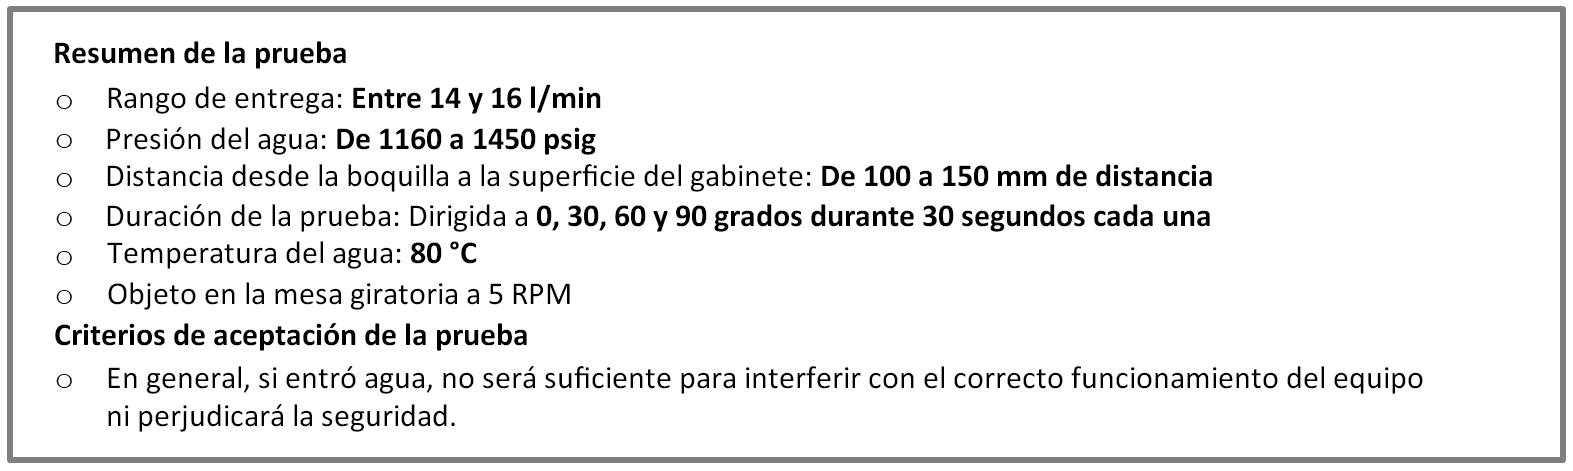 Protección IP69K, según las normas DIN